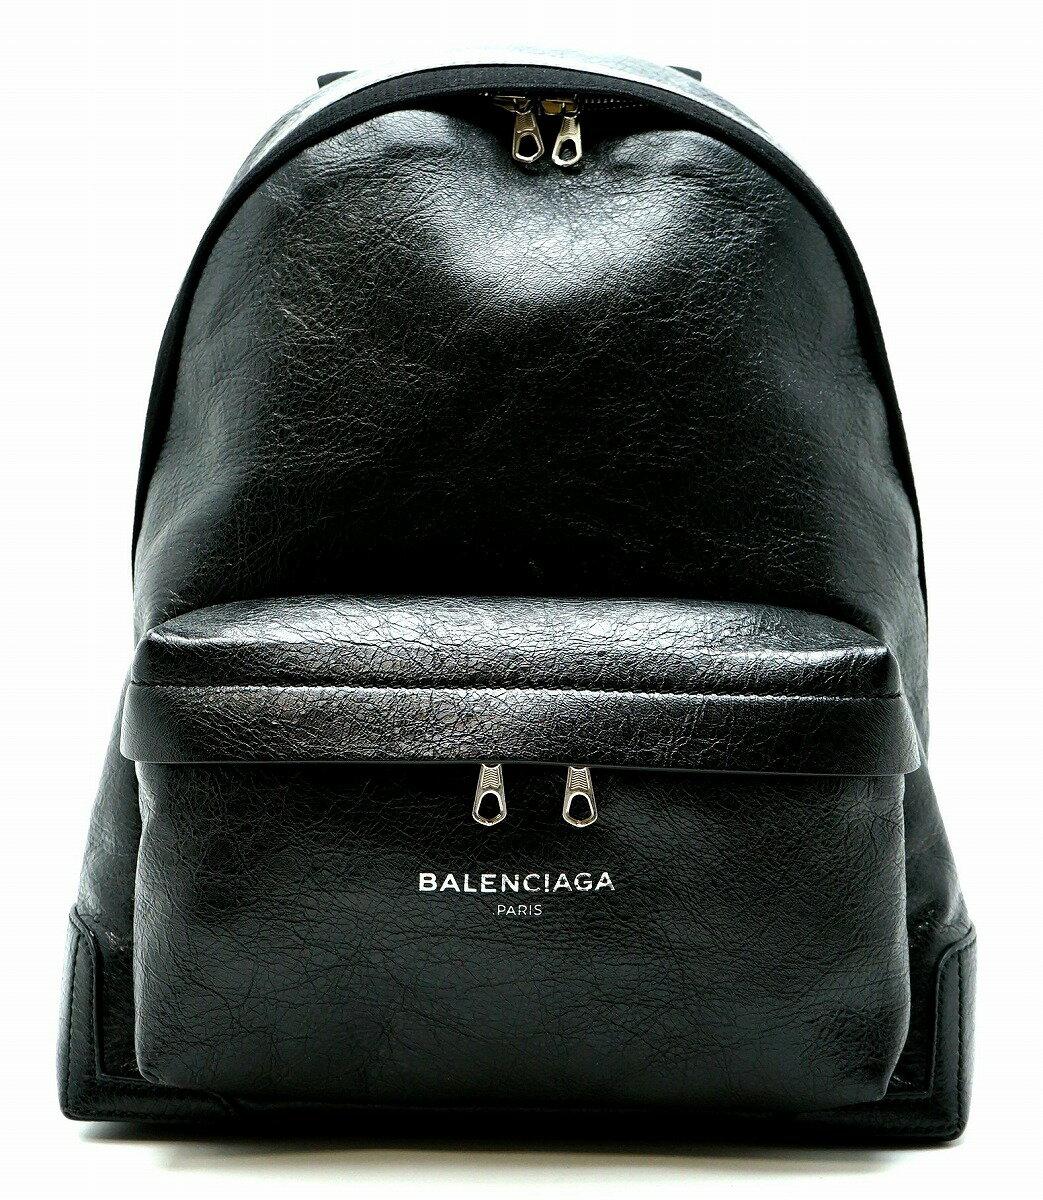 【未使用品】【バッグ】BALENCIAGA バレンシアガ バックパック リュック レザー ノアール 黒 ブラック 409010 1000 D528147【中古】【k】【Blumin 】:Blumin